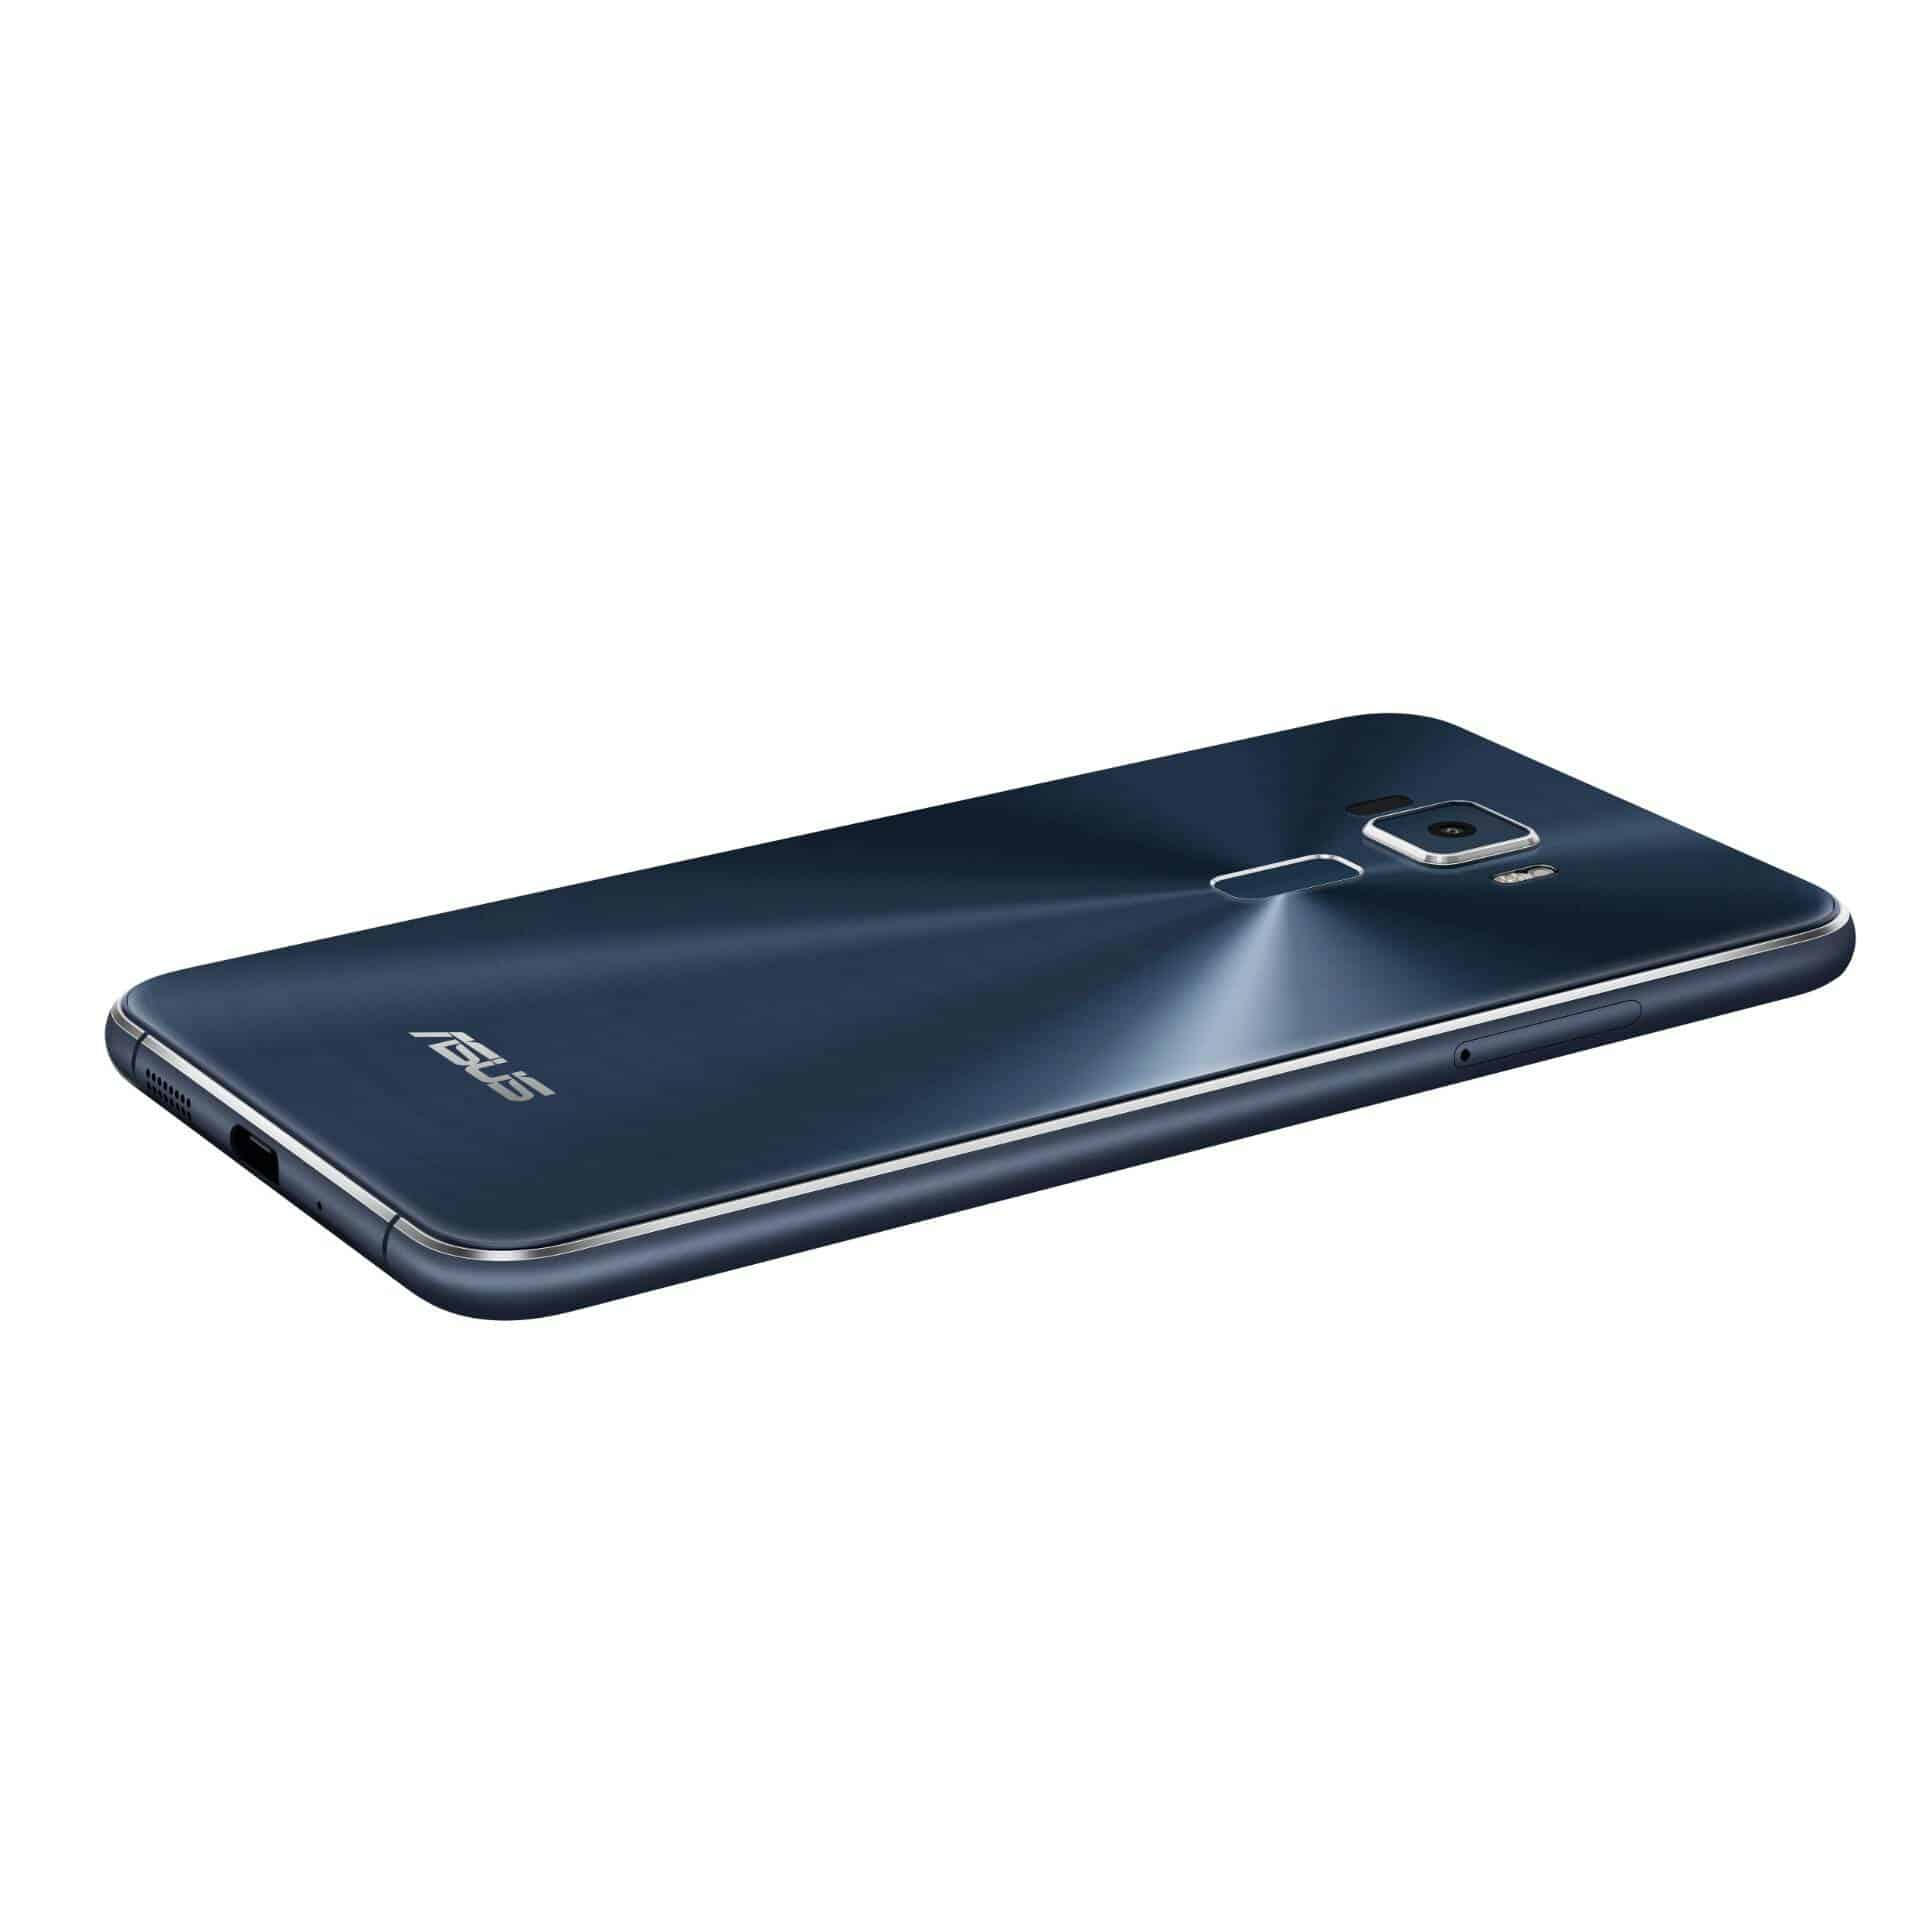 ASUS ZenFone 3 8